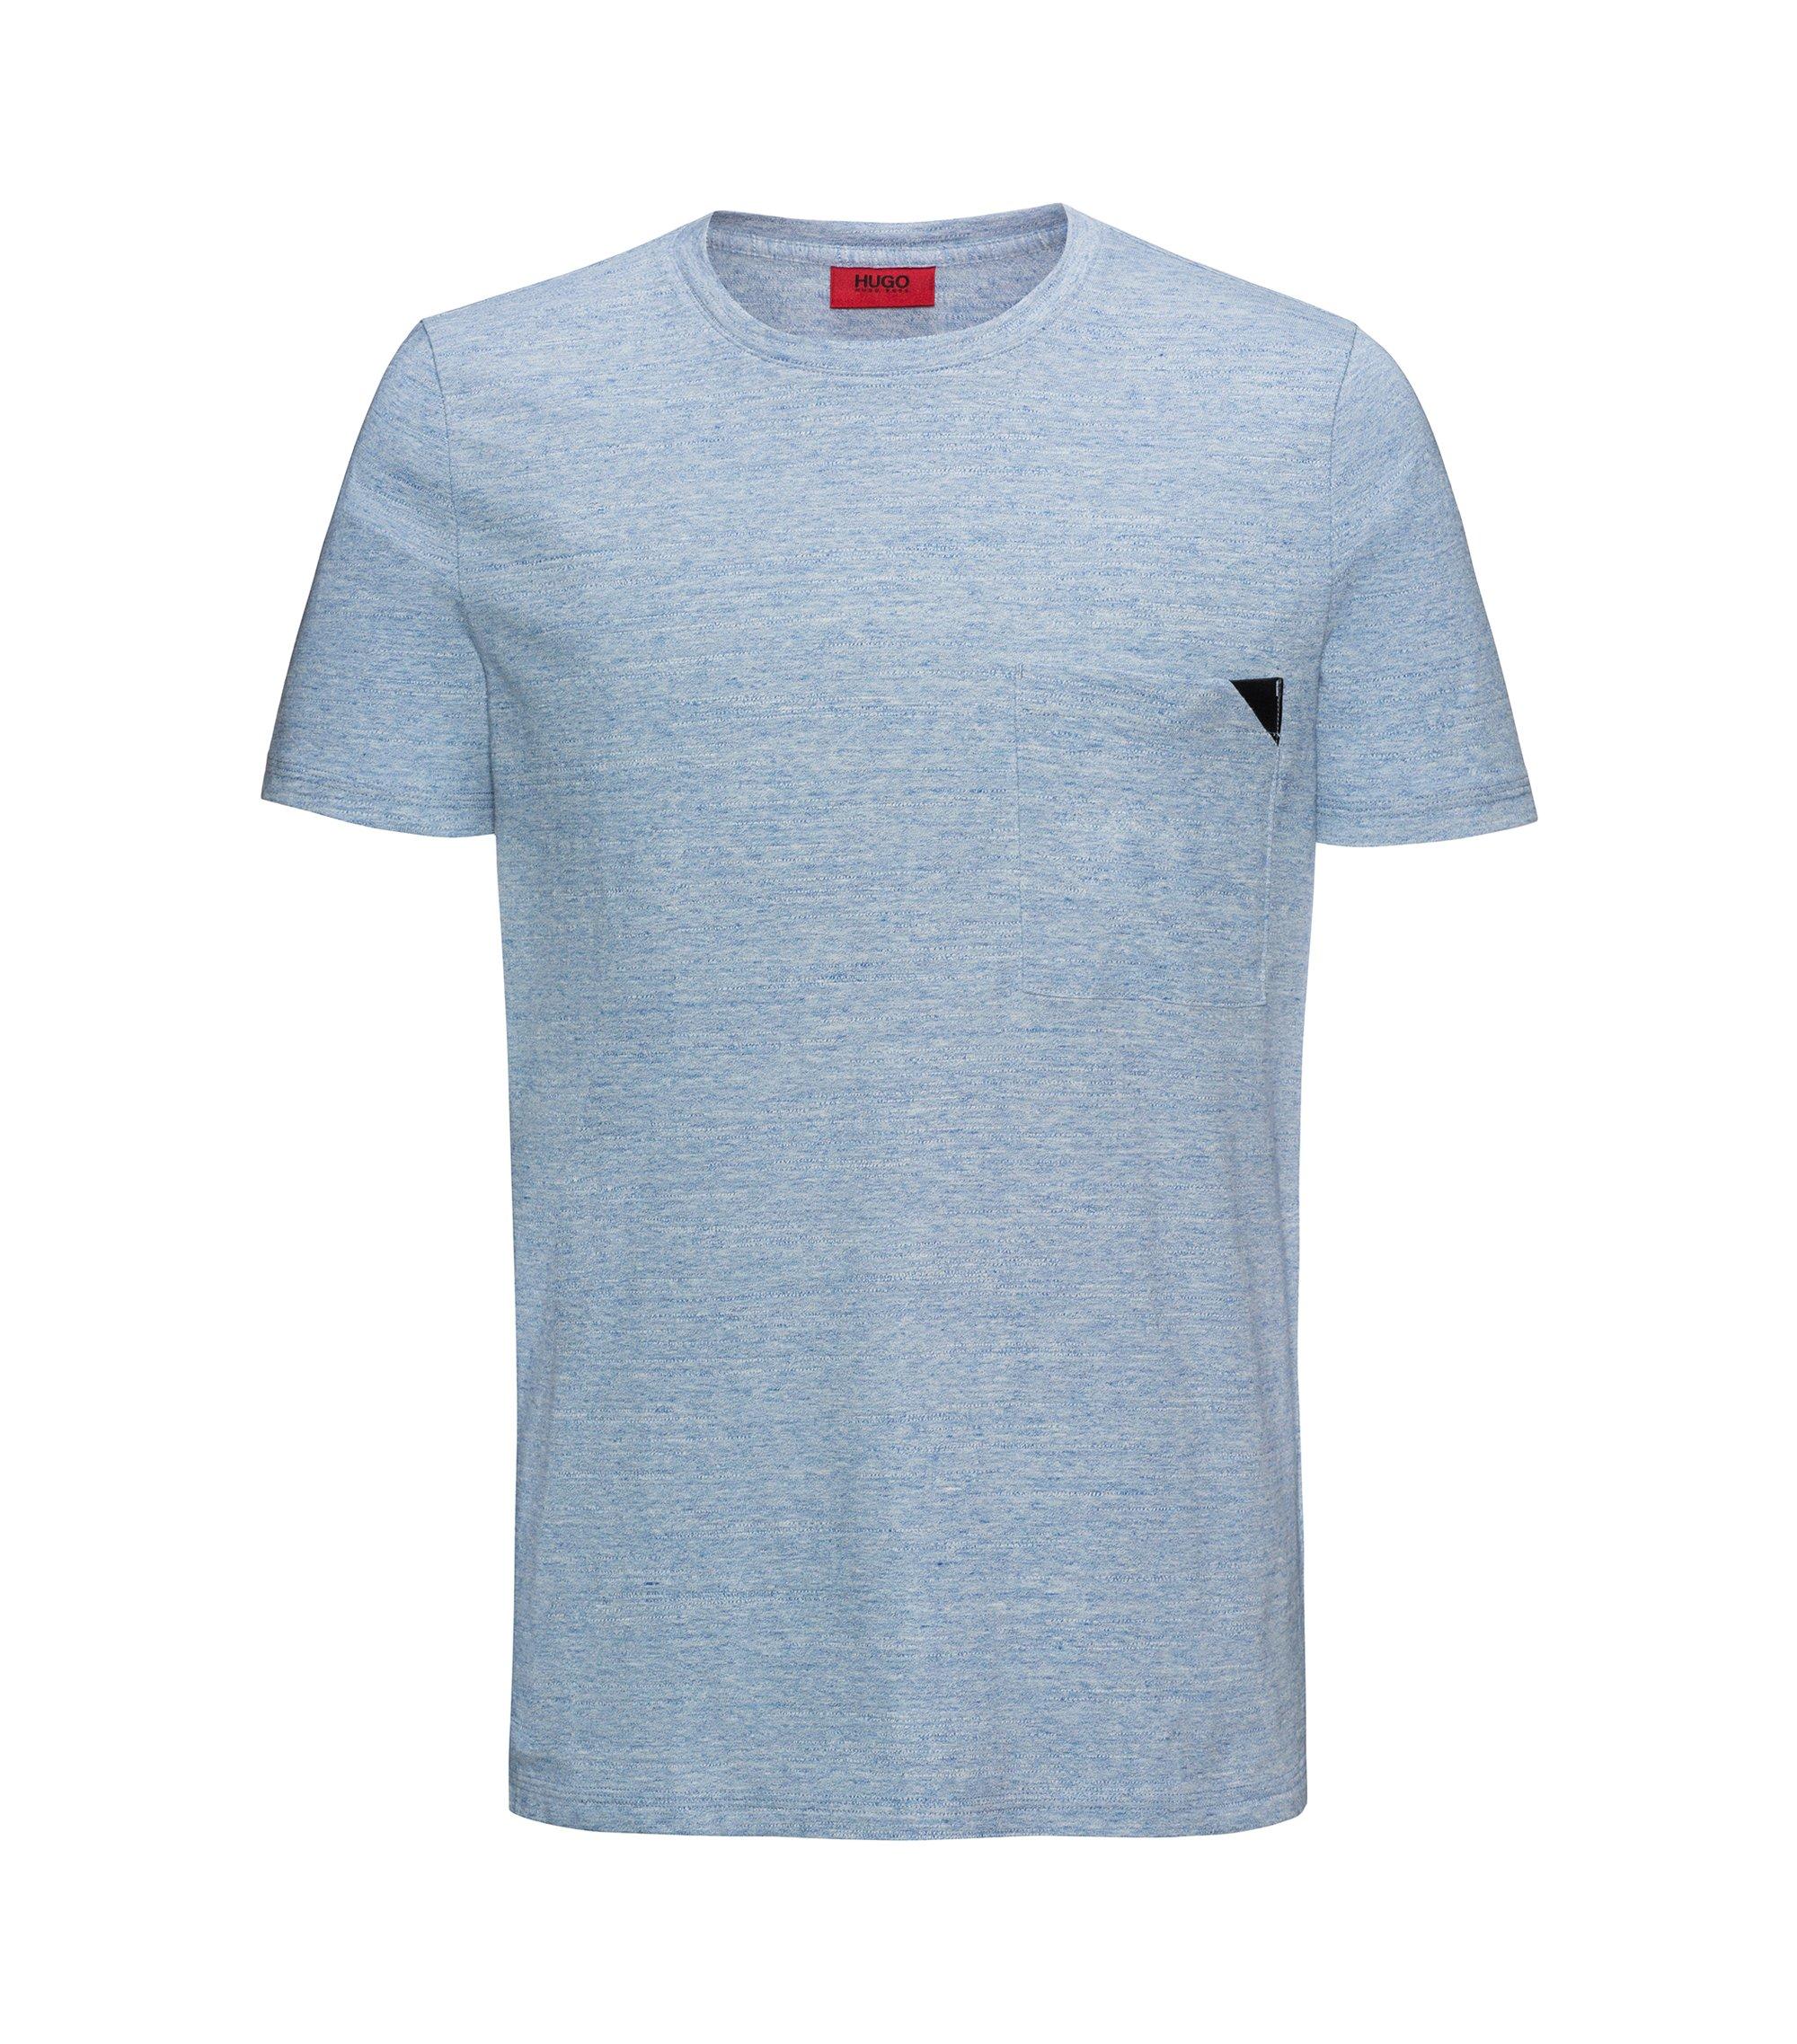 Camiseta de manga corta en algodón jaspeado, Celeste